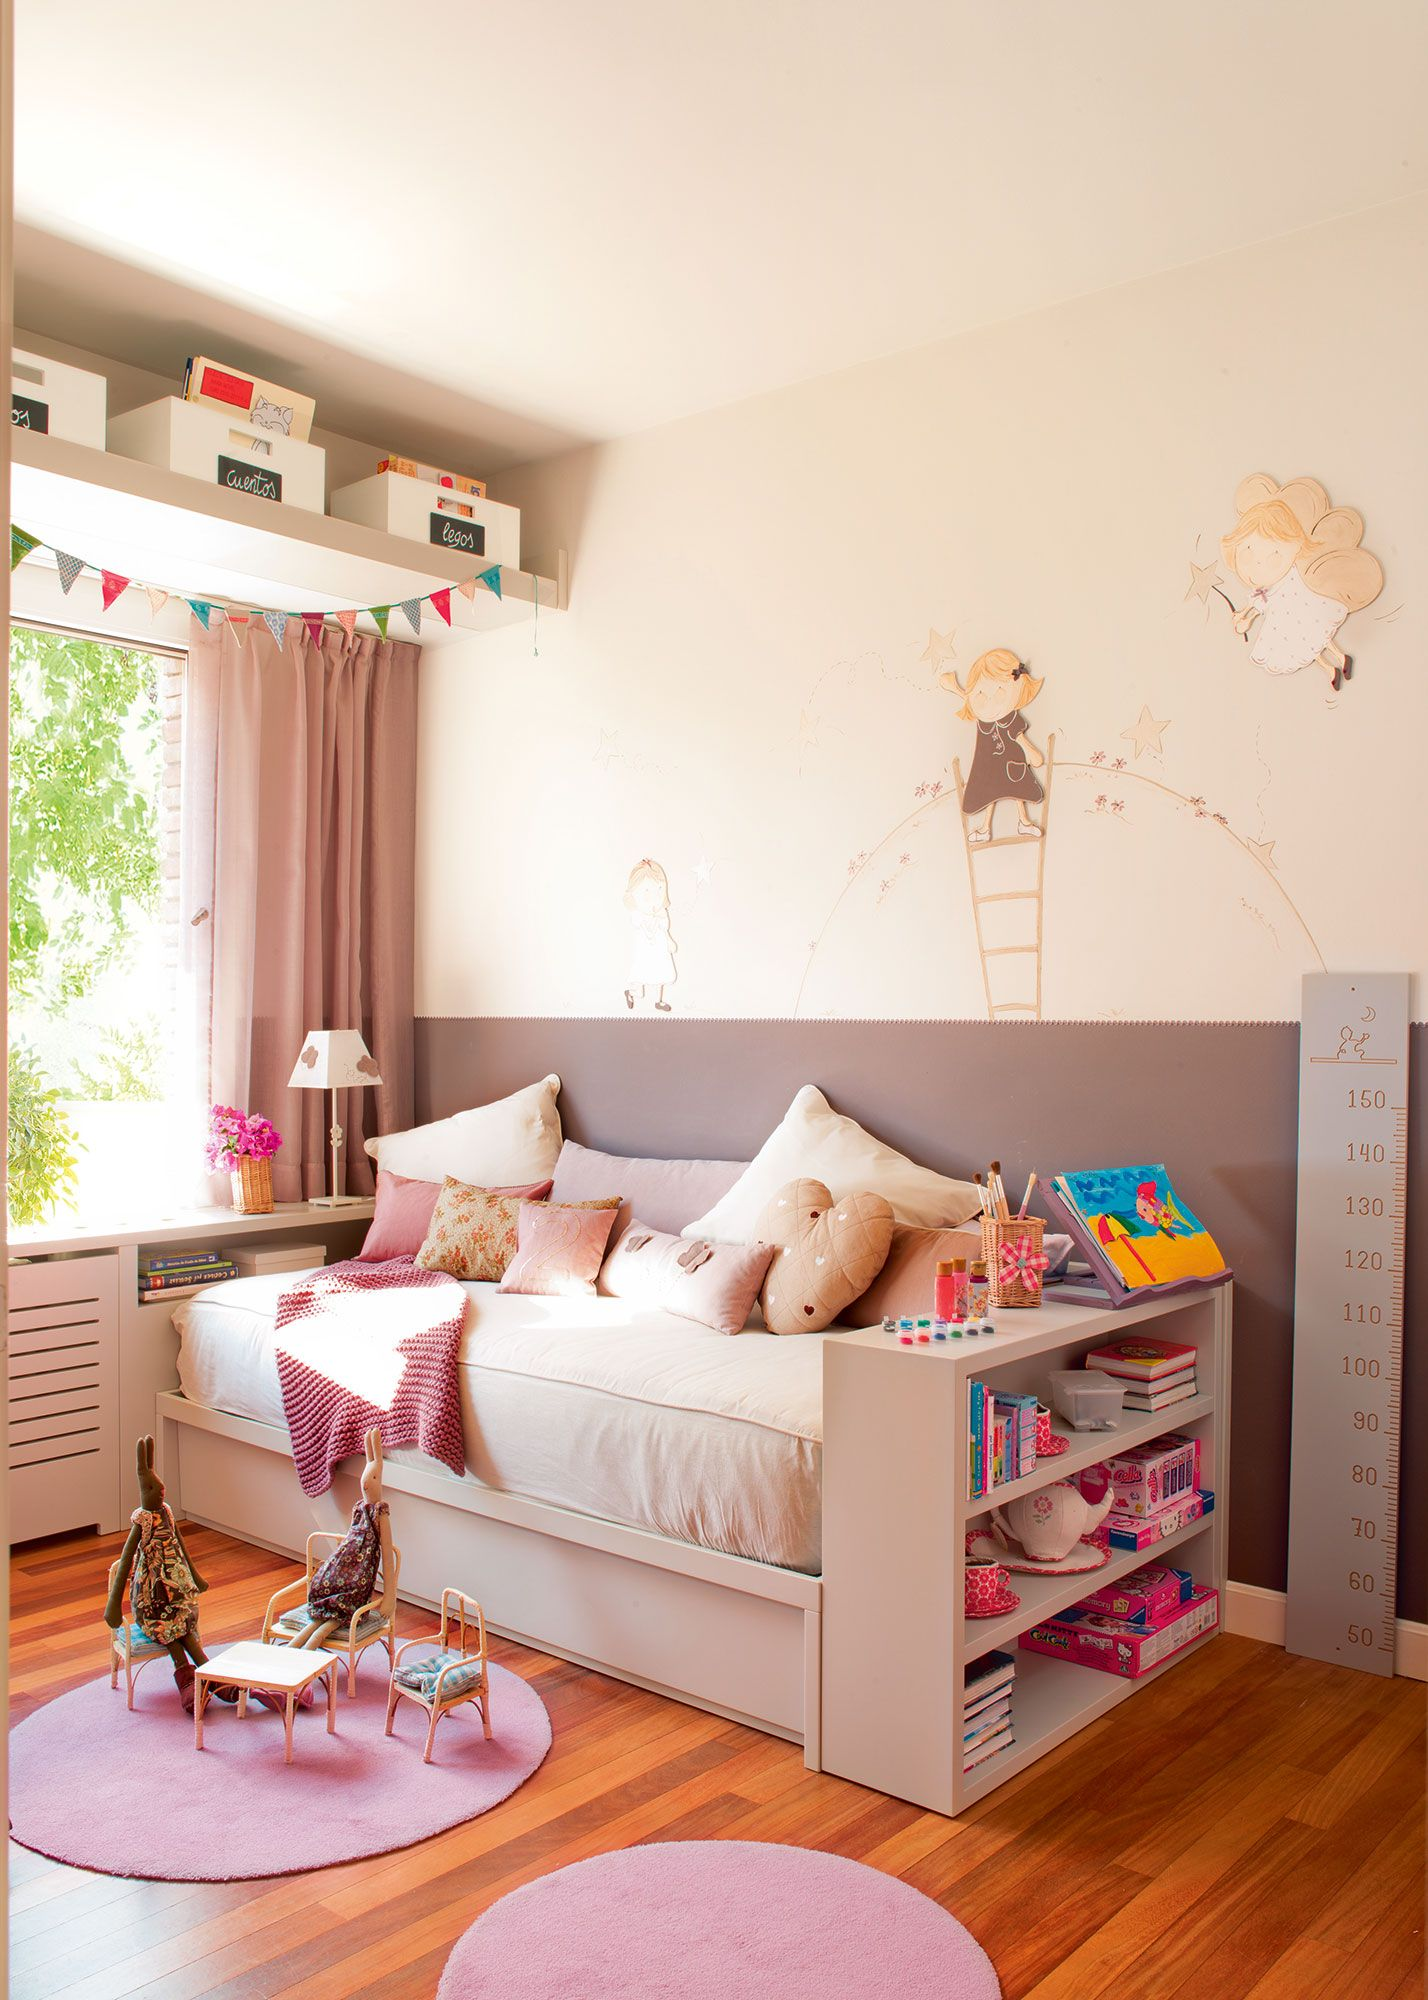 Dormitorio infantil con cama arrimada a la pared z calo y soluciones para guardar juguetes for Habitaciones juveniles 3 camas